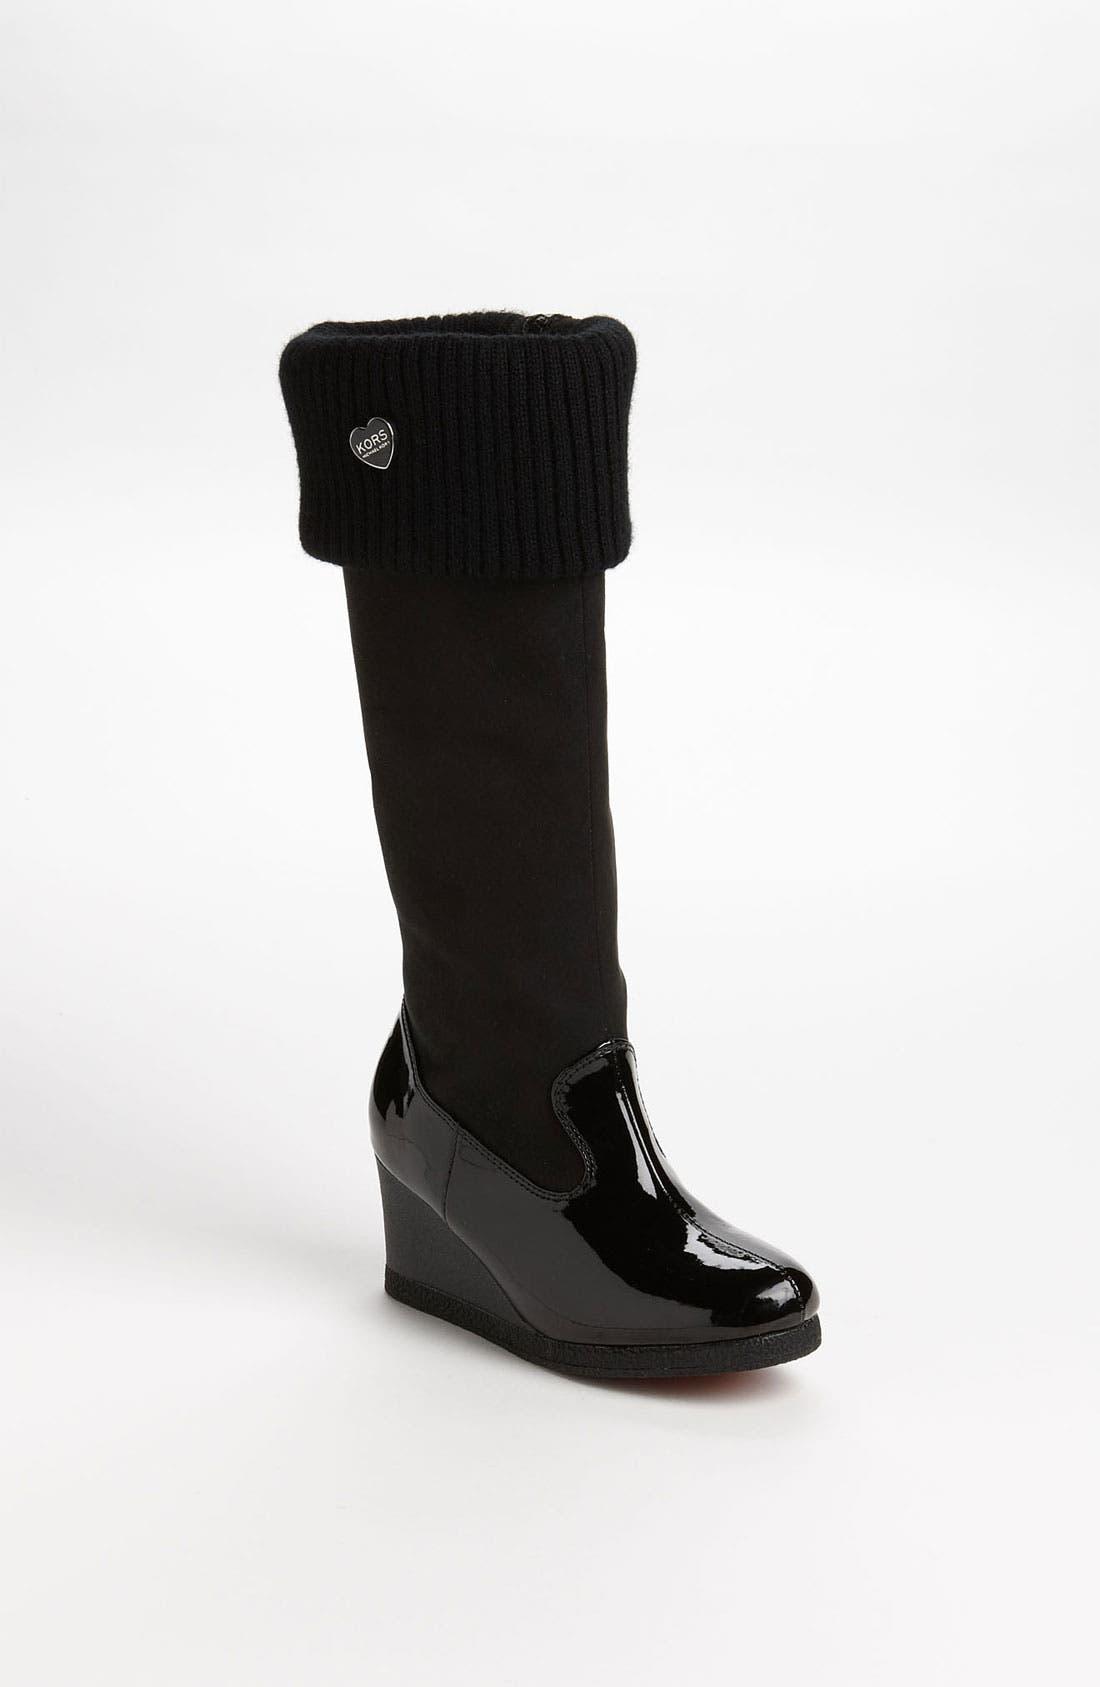 Alternate Image 1 Selected - KORS Michael Kors 'Pavia' Boot (Little Kid & Big Kid)